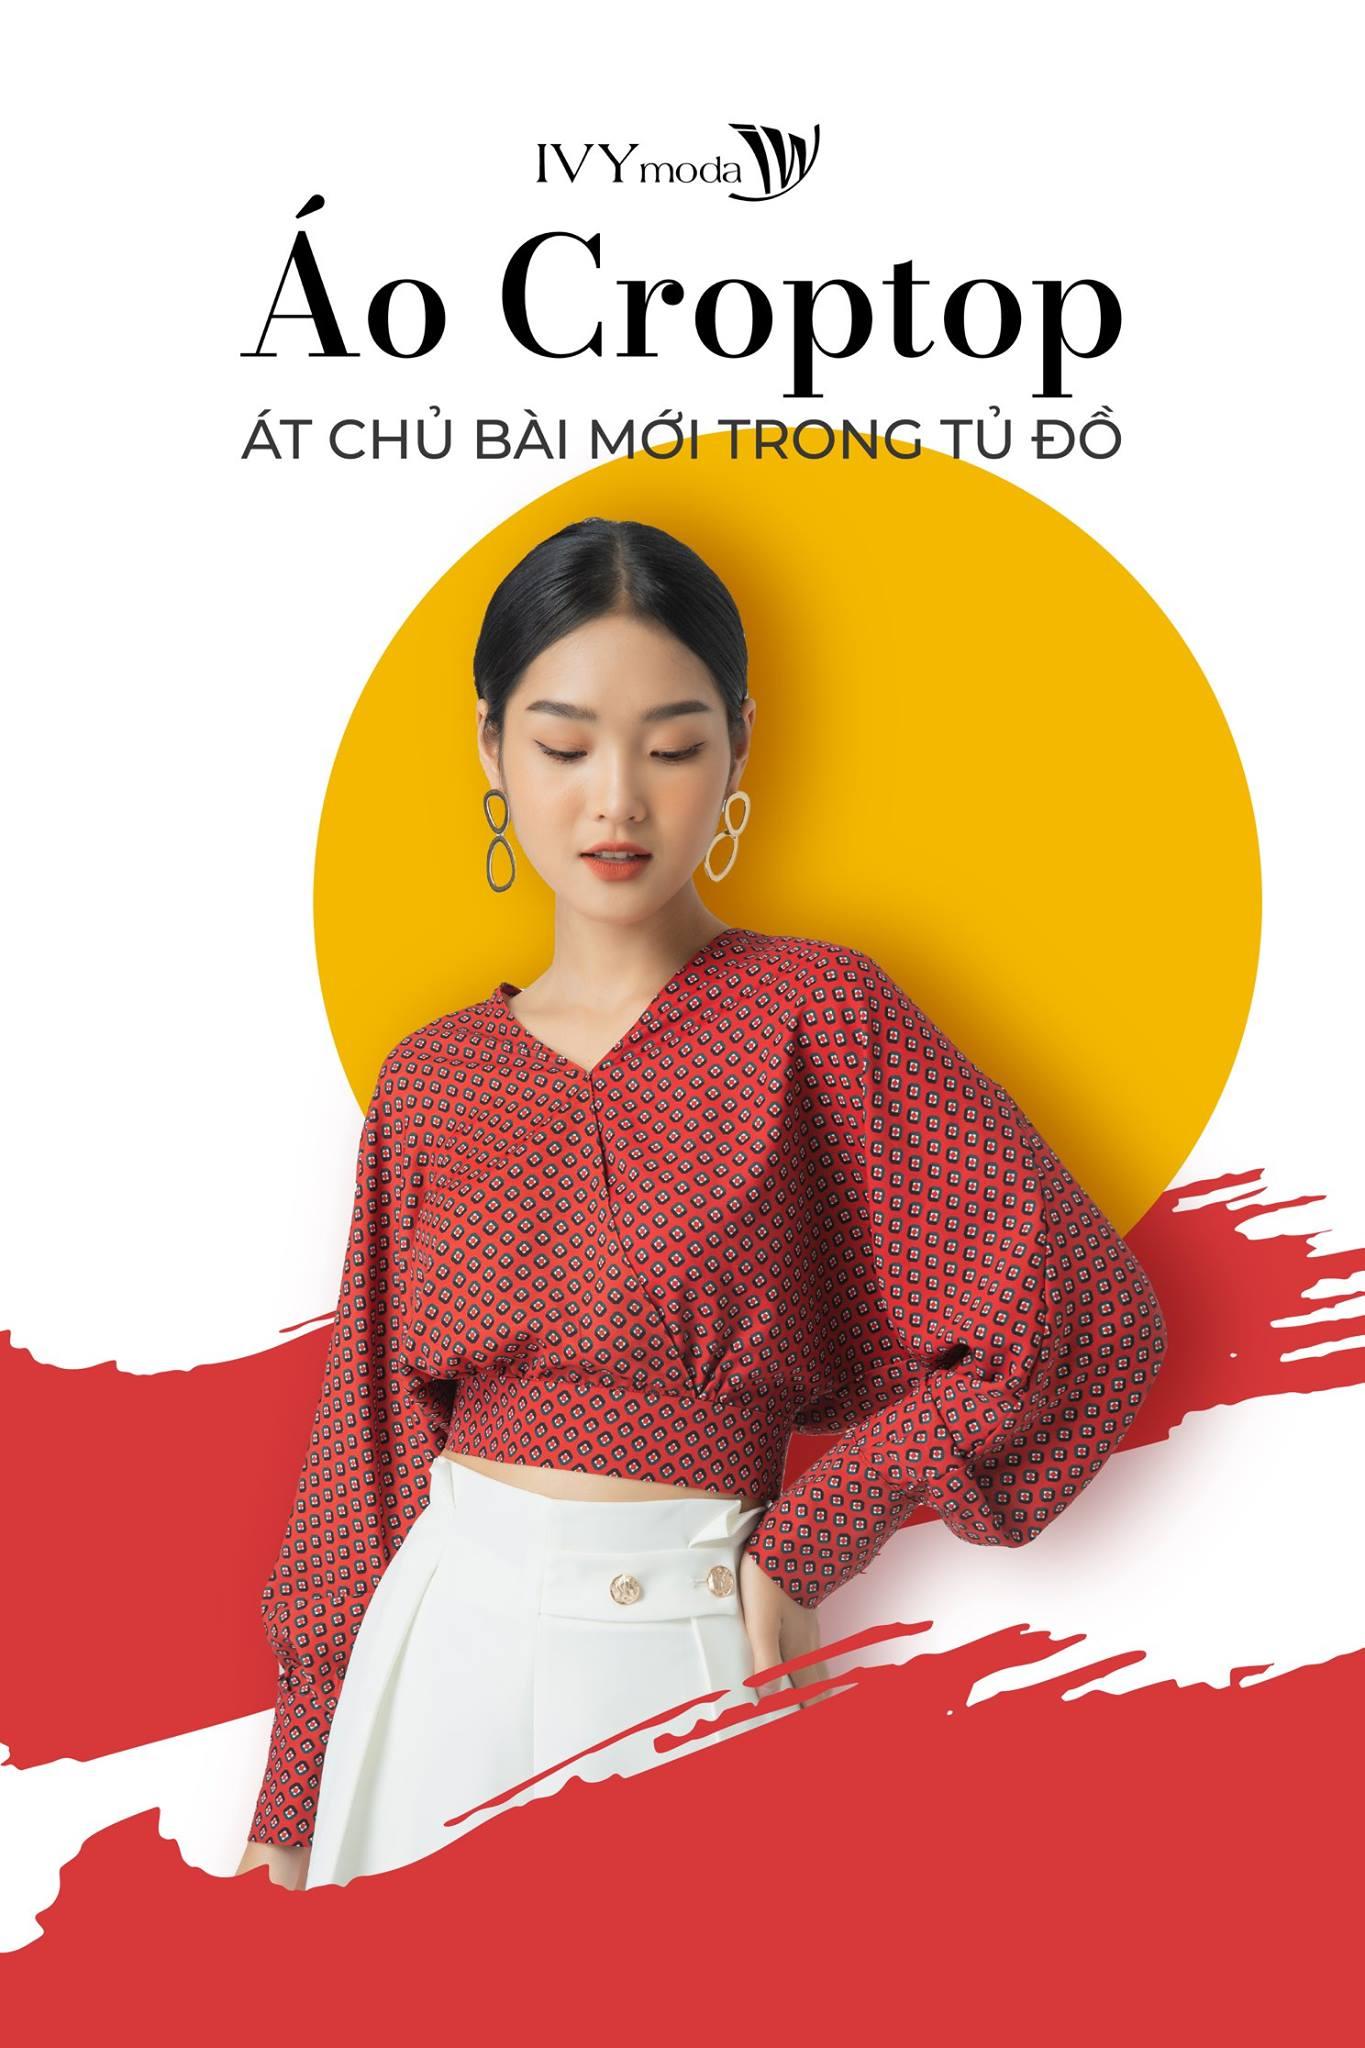 Mua áo croptop tại hãng thời trang Ivy Moda